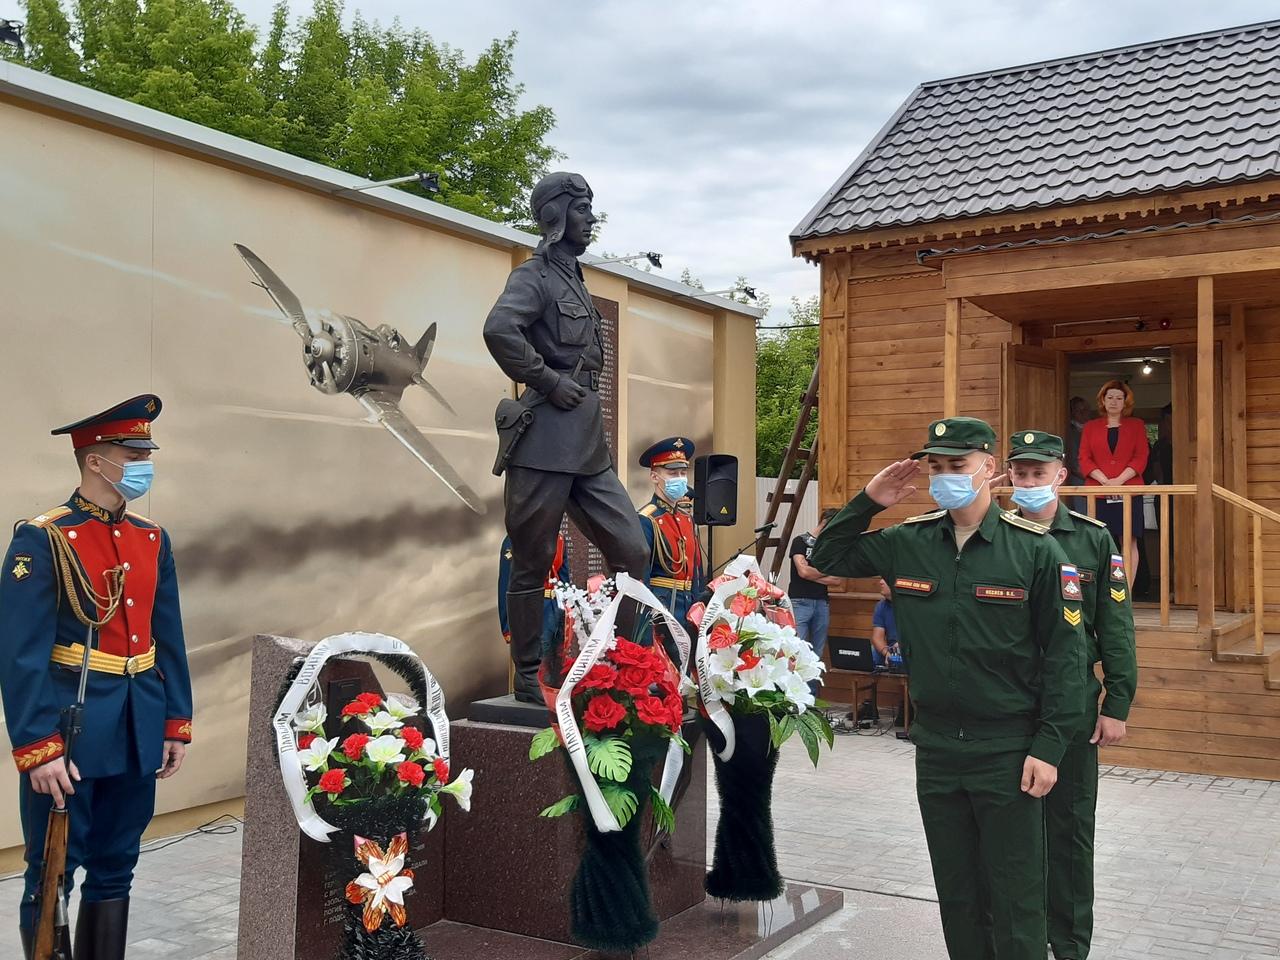 Памятник Герою Советского Союза Виктору Талалихину в селе Тепловка Саратовской области